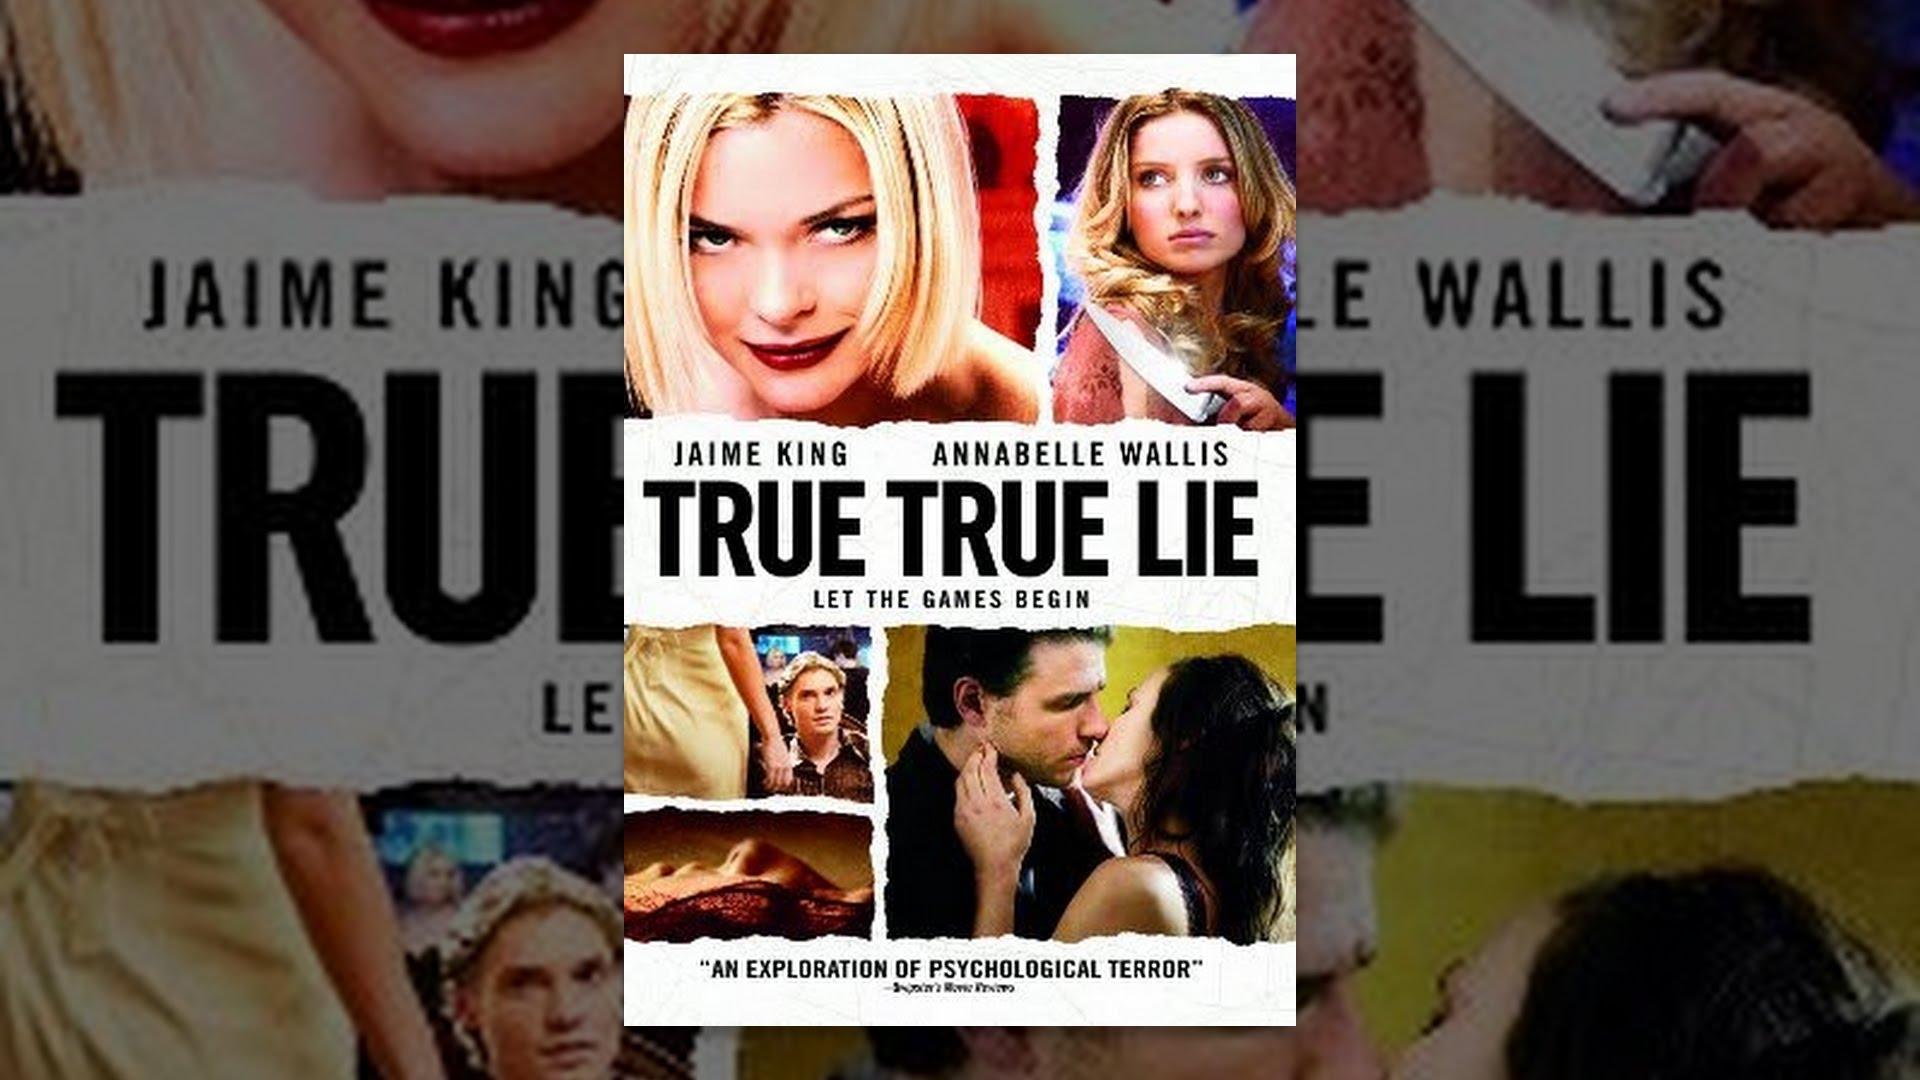 True true lie movie trailer